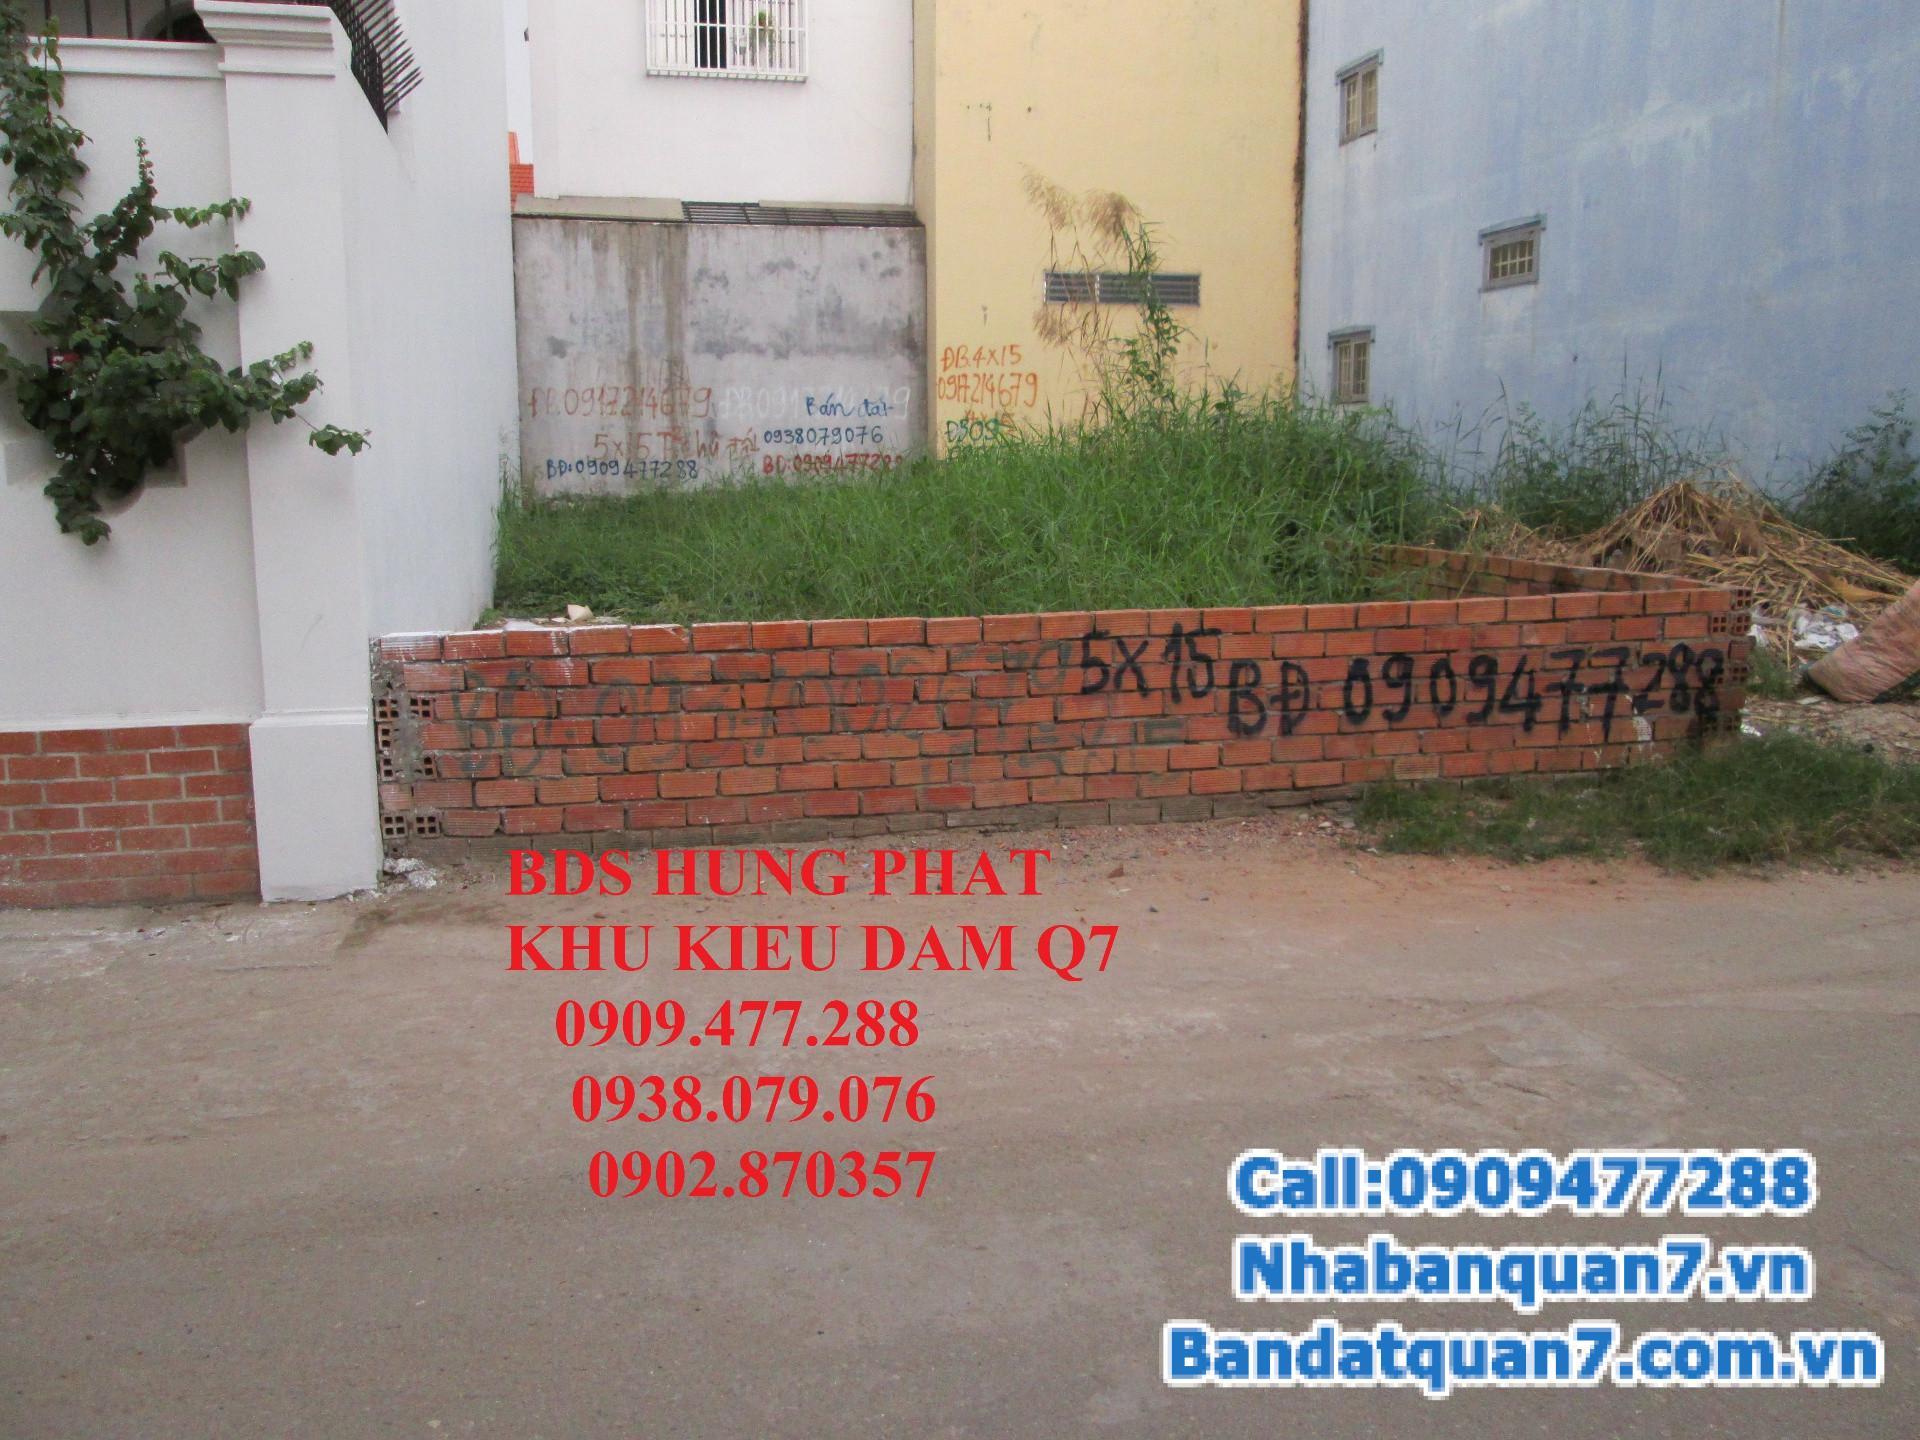 Cần bán nhanh lô đất khu Kiều Đàm, Phường Tân Hưng, Quận 7.